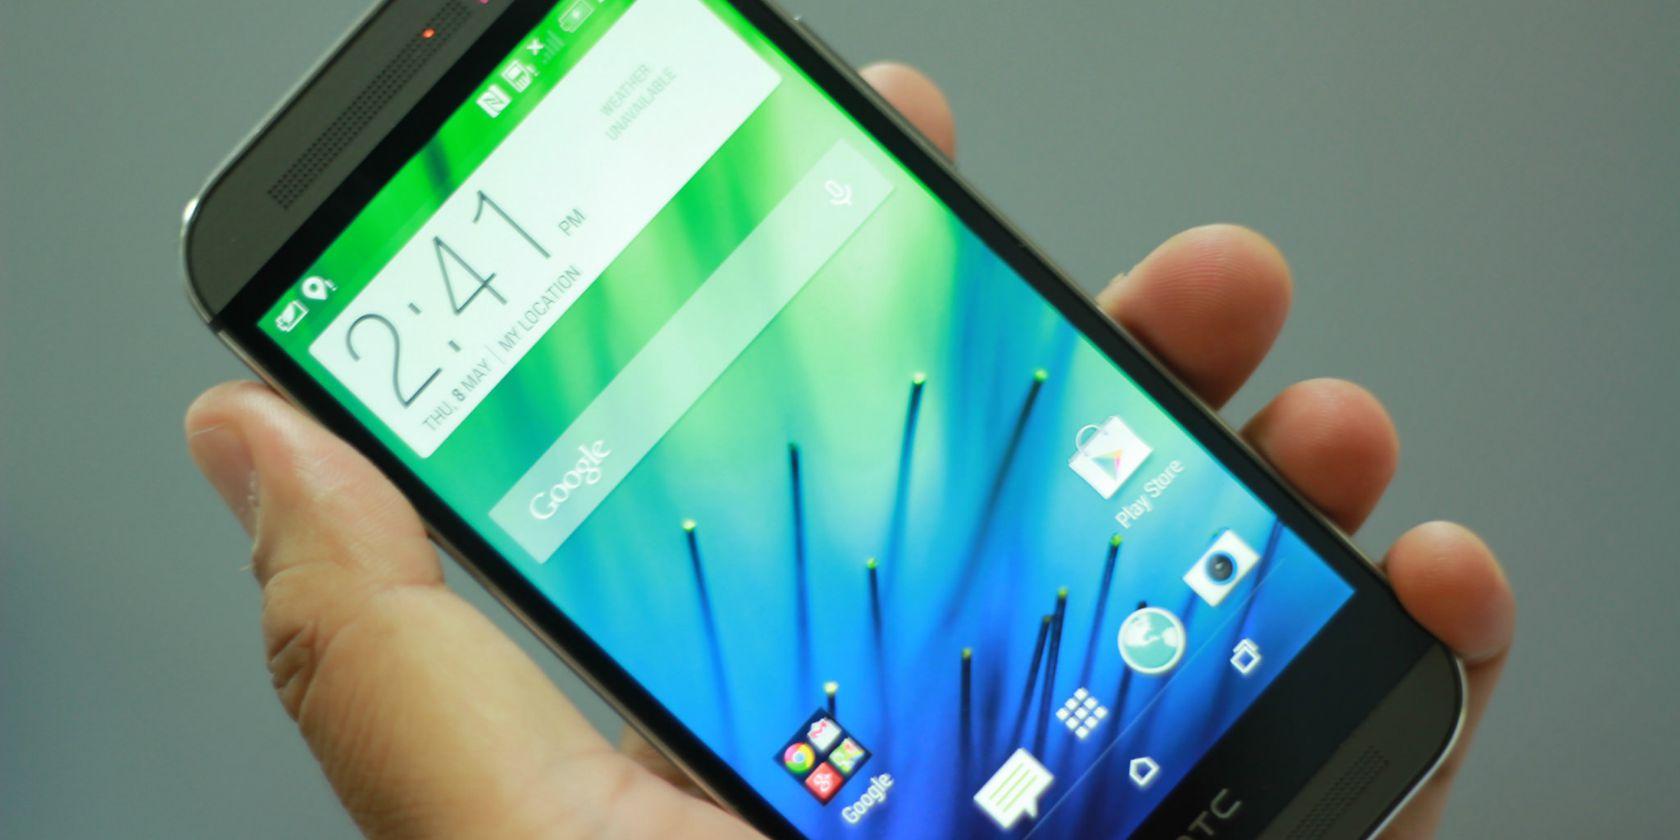 Haz más con tu teléfono Android: Más de 70 consejos y trucos que deberías saber htc un teléfono androide